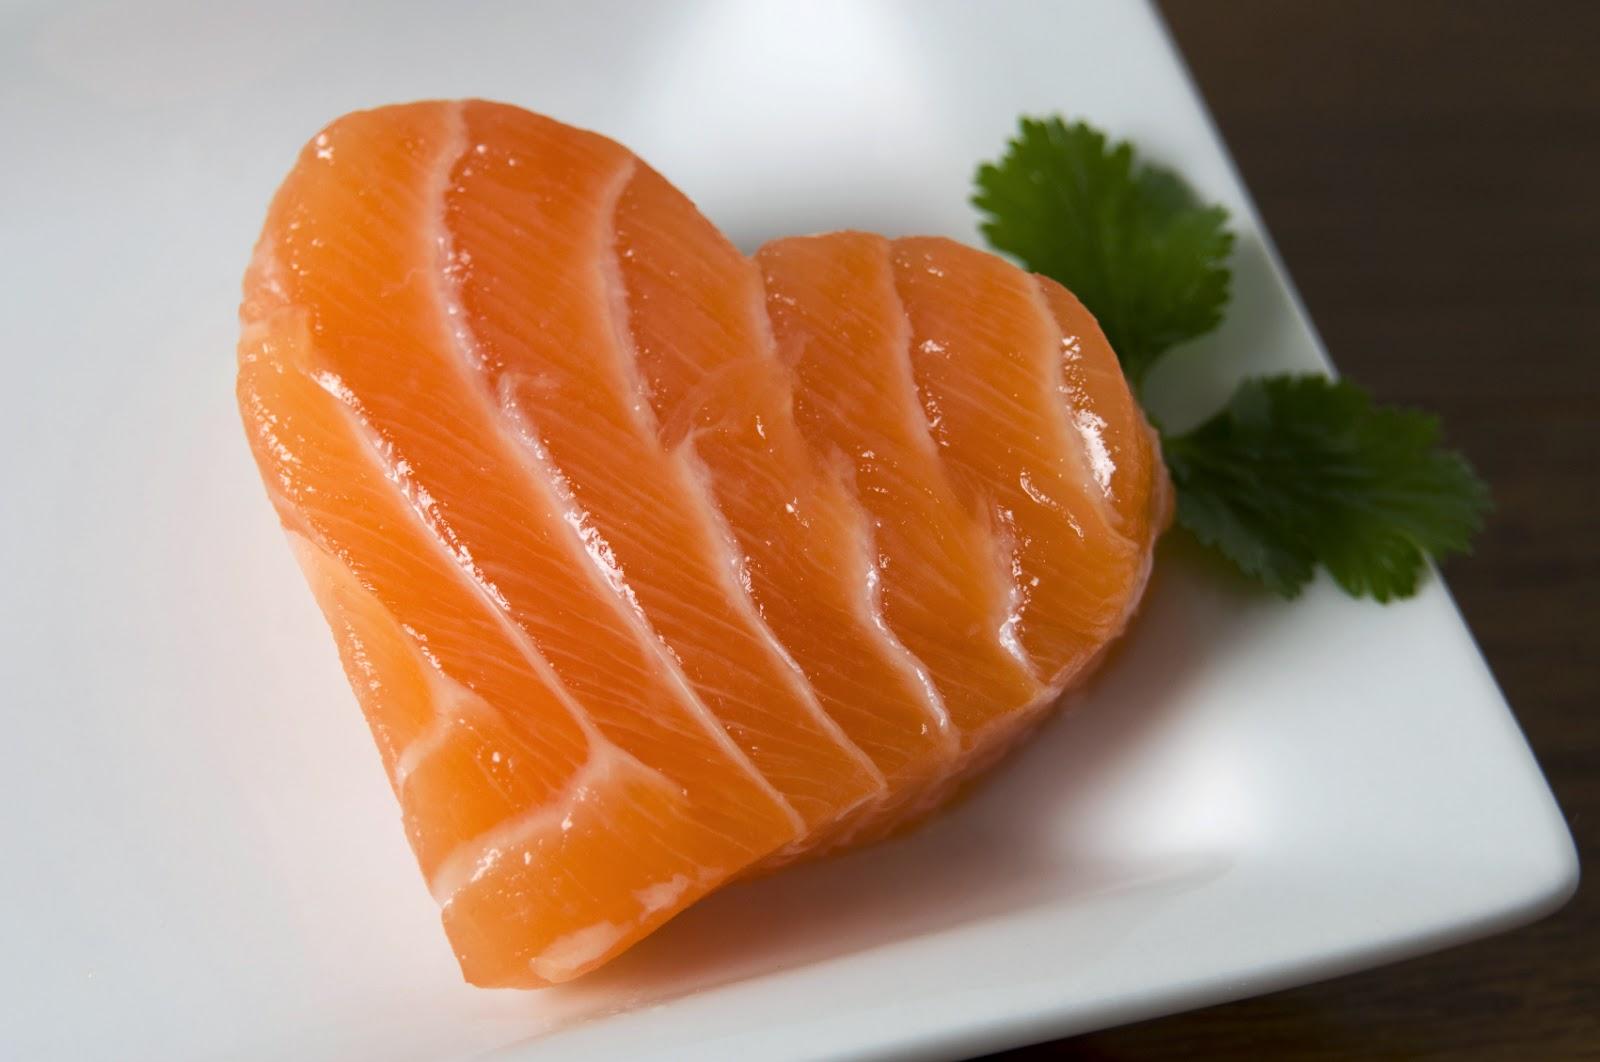 Омега-3 разжижает кровь или сгущает — 6 полезных свойств рыбьего жира для снижения холестерина и чем опасен его дефицит?